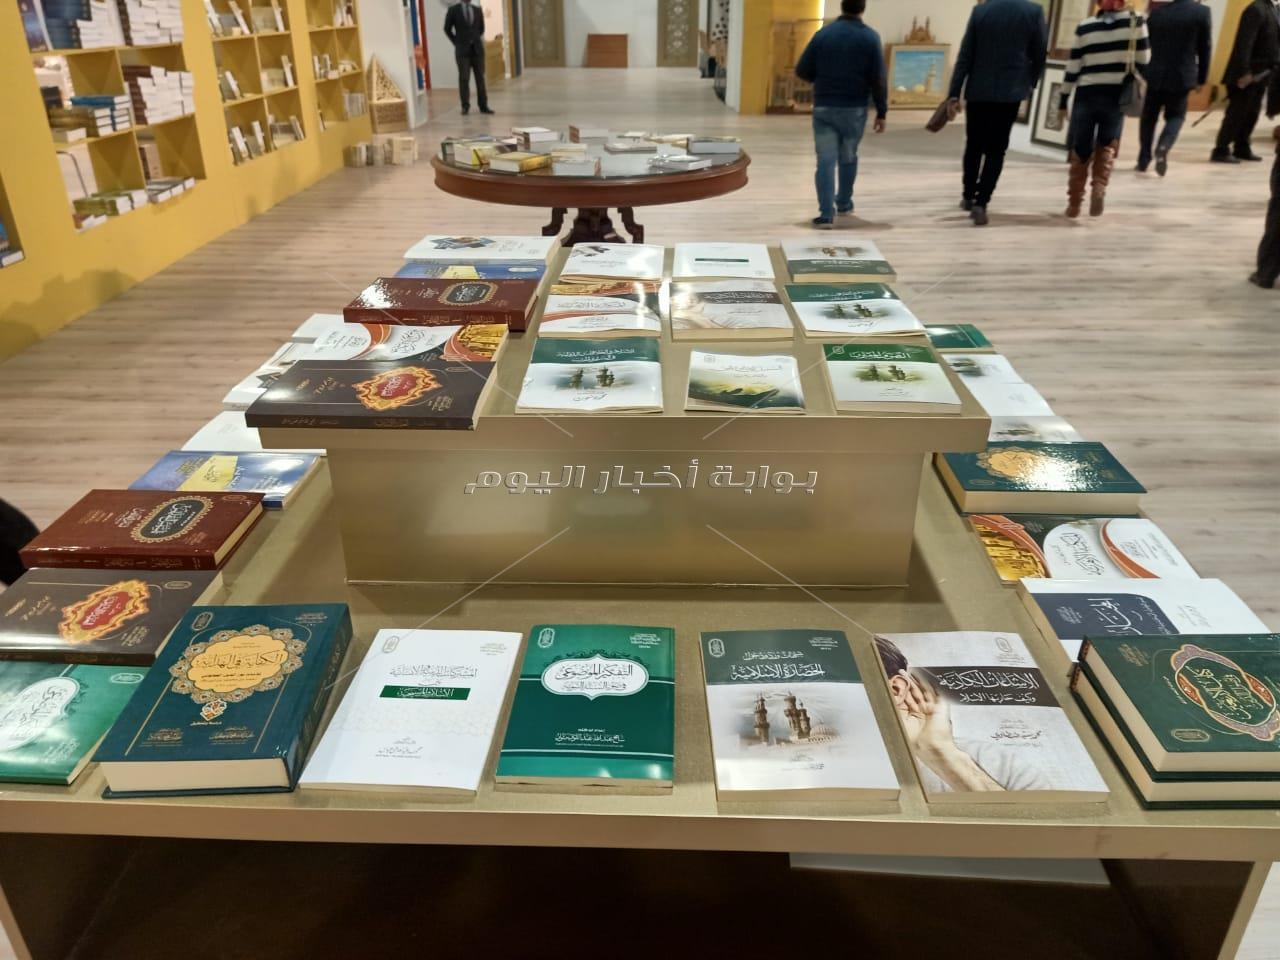 جناح الأزهر بمعرض الكتاب